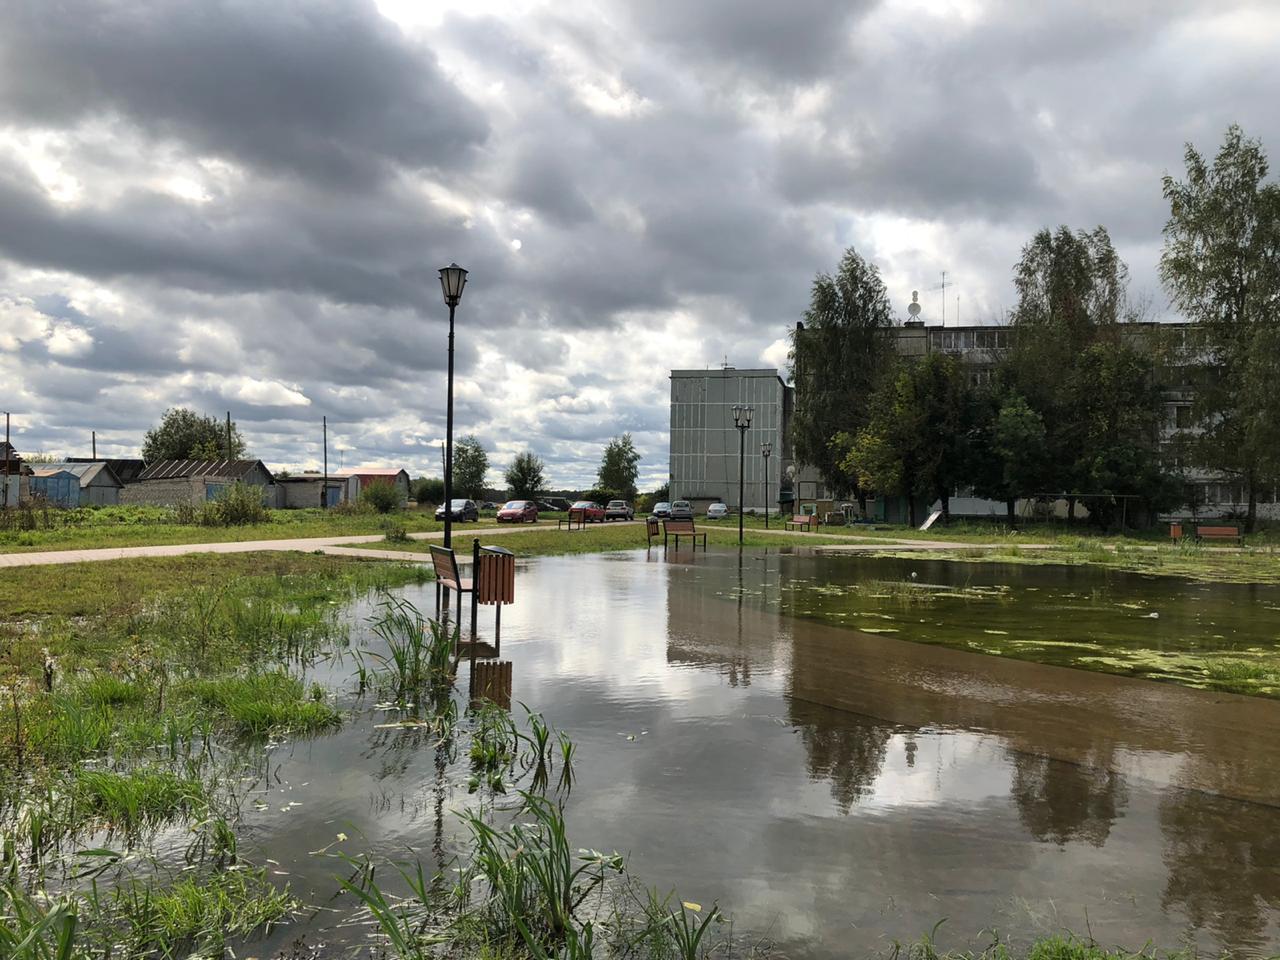 В поселковой администрации объяснили причину затопления парка в деревне Рязаново - новости Афанасий